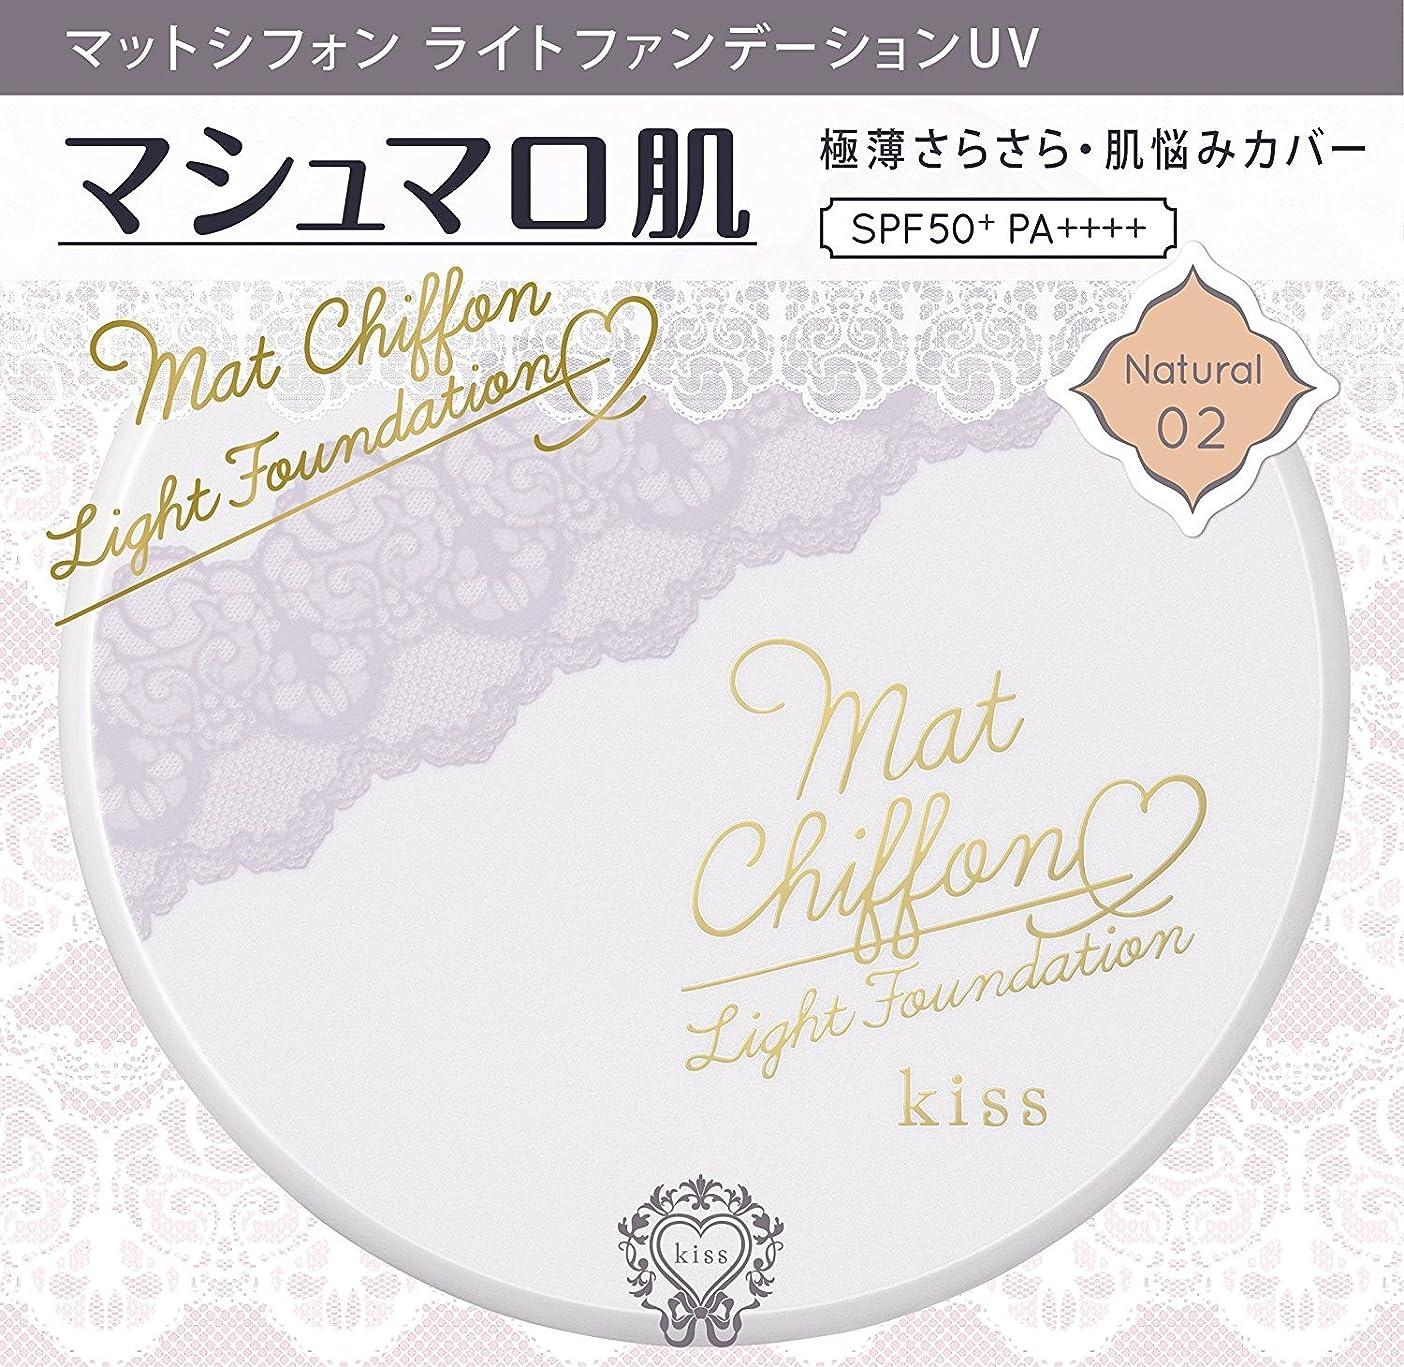 時期尚早から聞く王族キス マットシフォン ライトファンデーションUV02 ナチュラル 10g